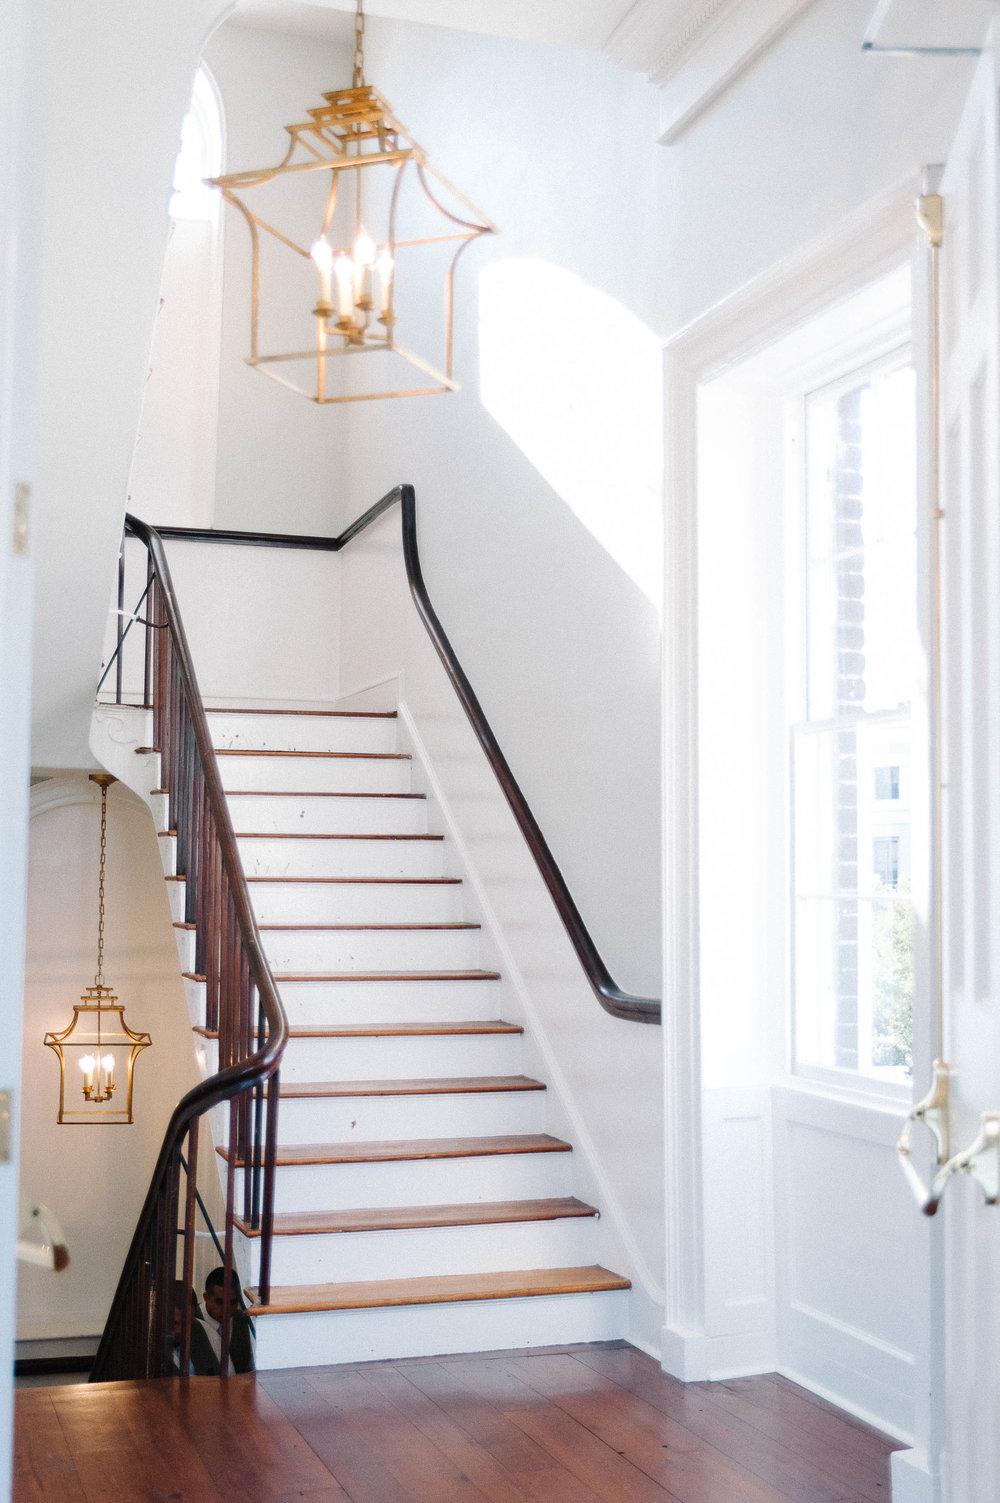 Gadsden House stairwell, Charleston, SC